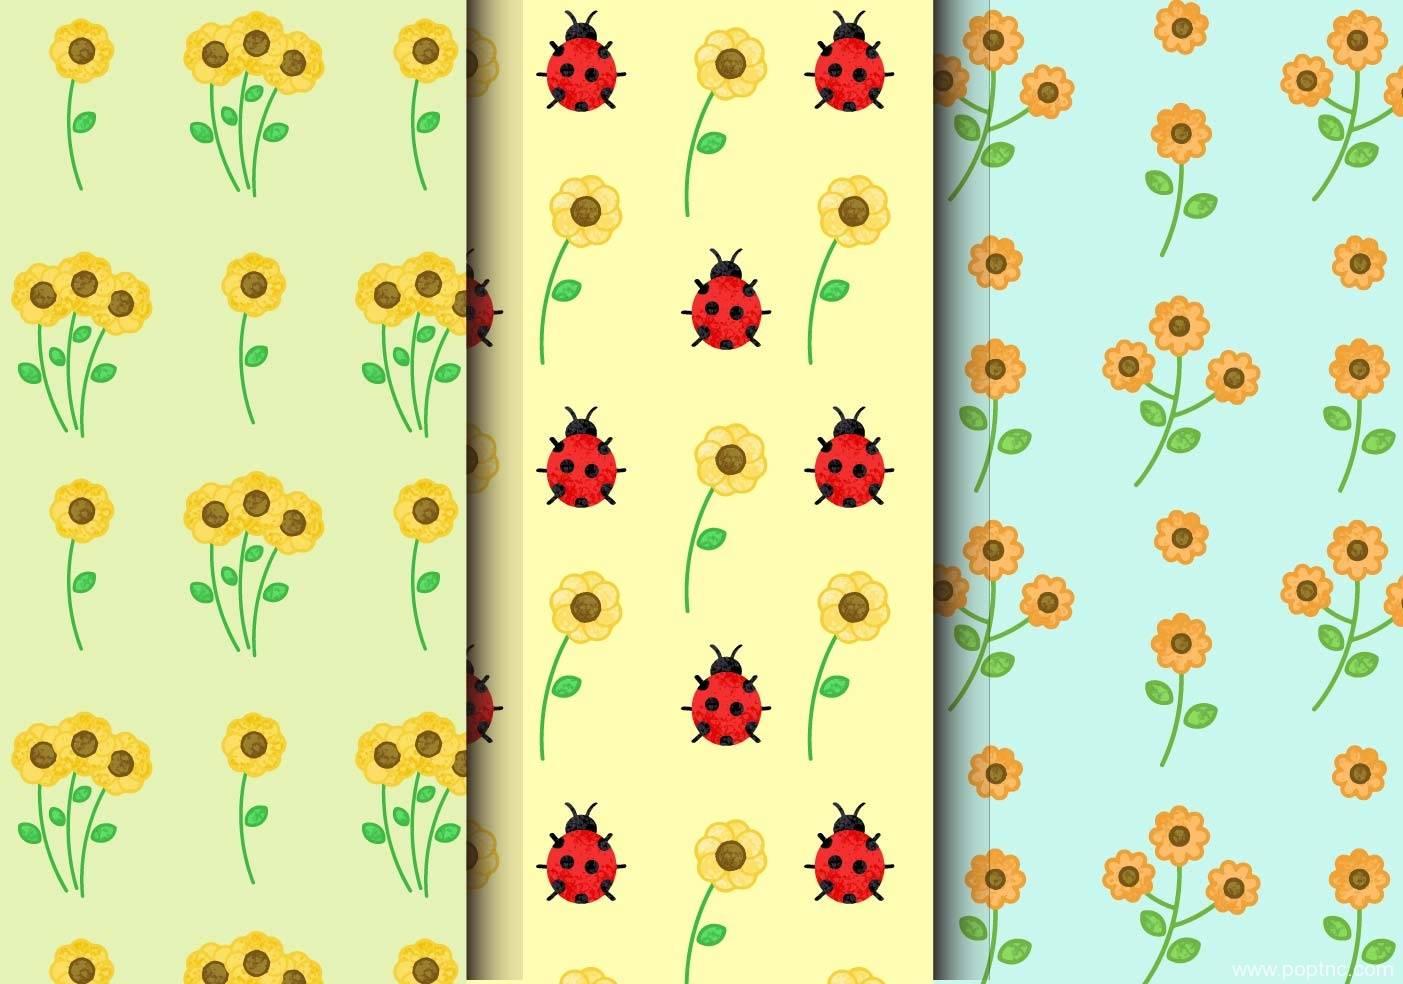 菊花植物花卉七星瓢虫无限循环矢量图-POP花型网